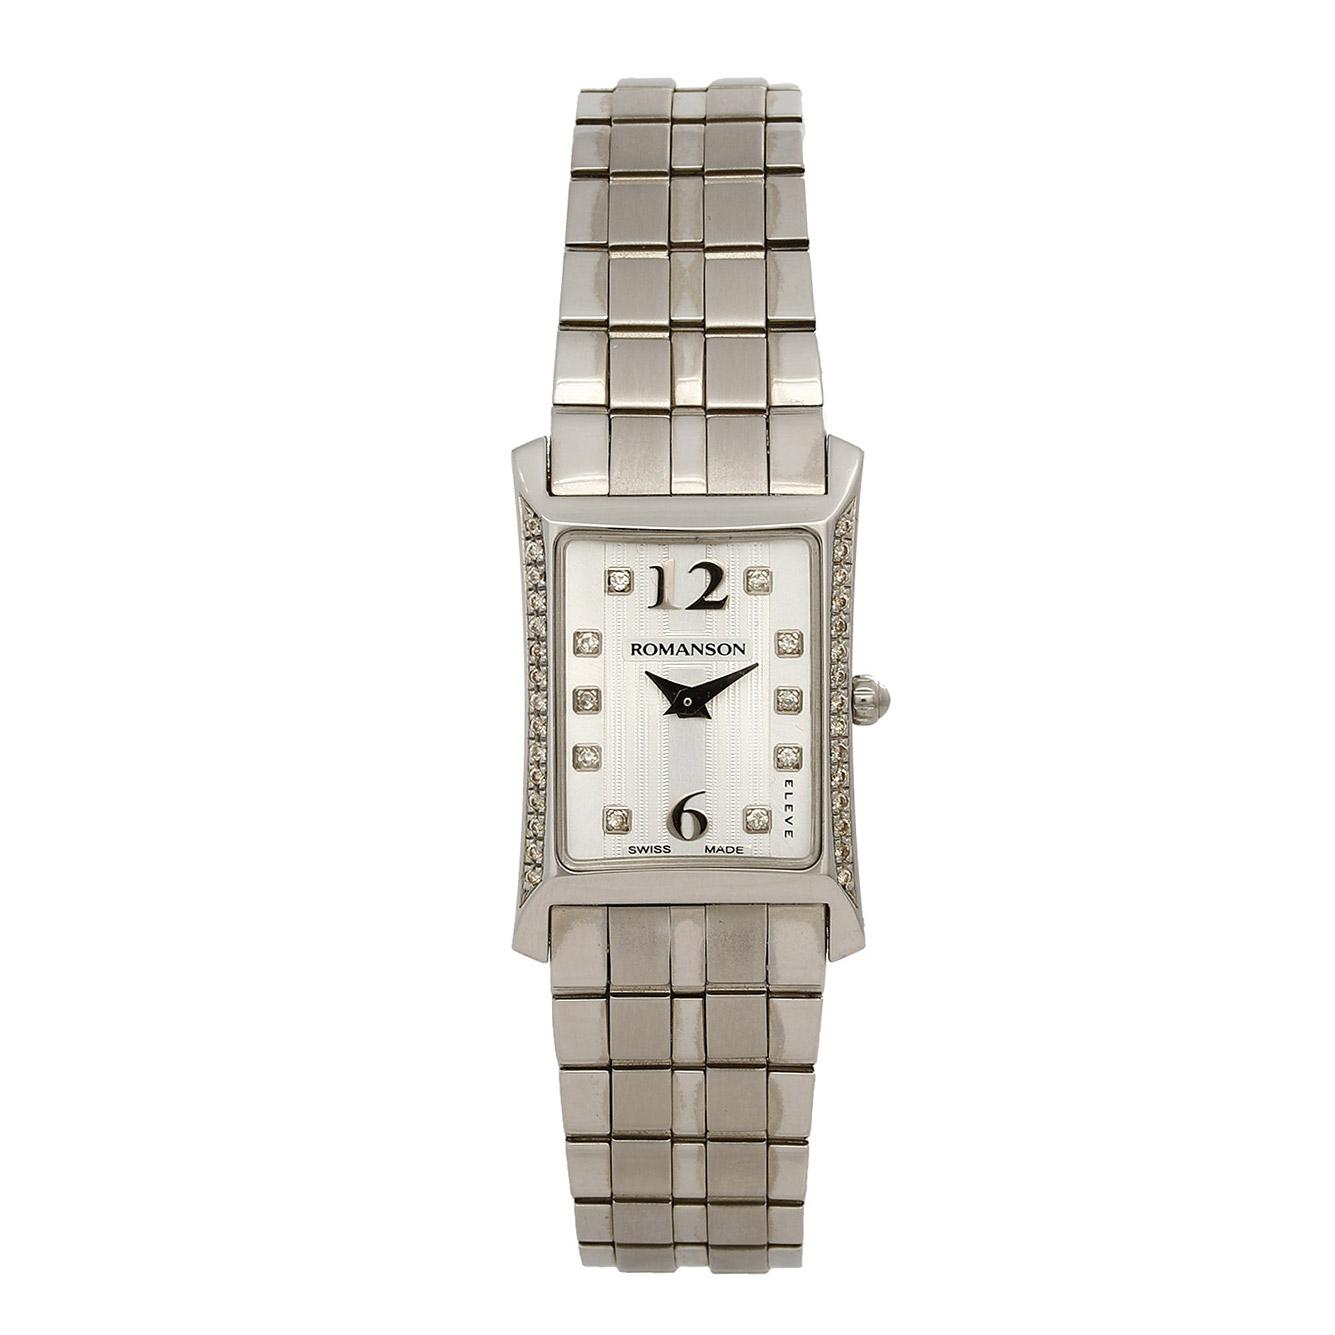 ساعت مچی عقربه ای زنانه رومانسون مدل EM5164KL1WAS2W 24